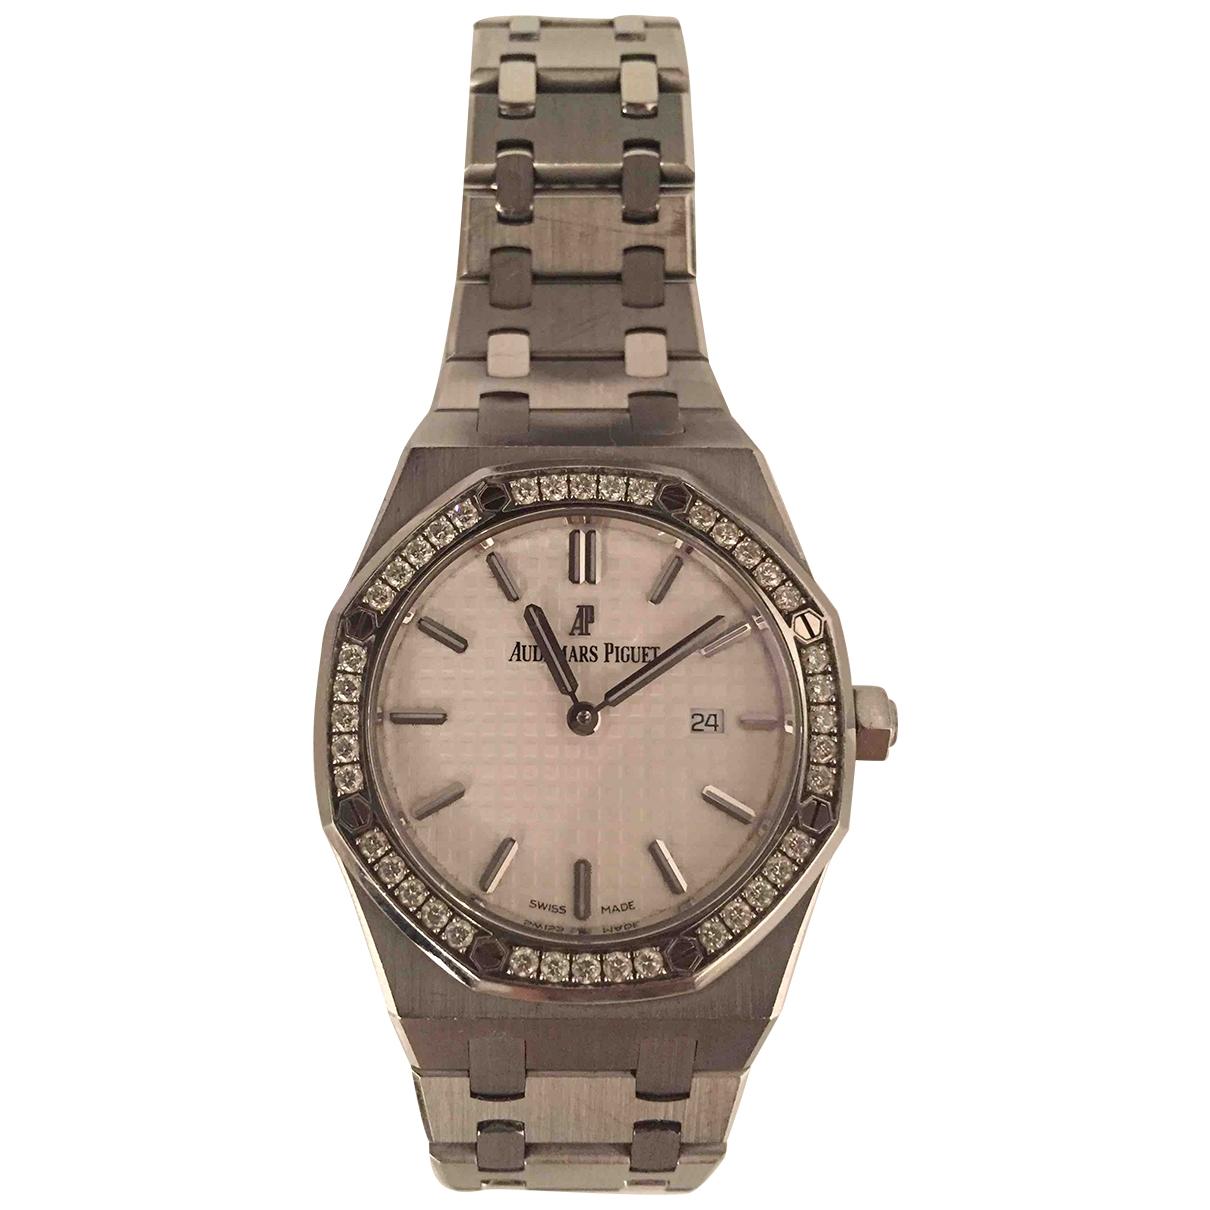 Reloj Royal Oak Lady Audemars Piguet